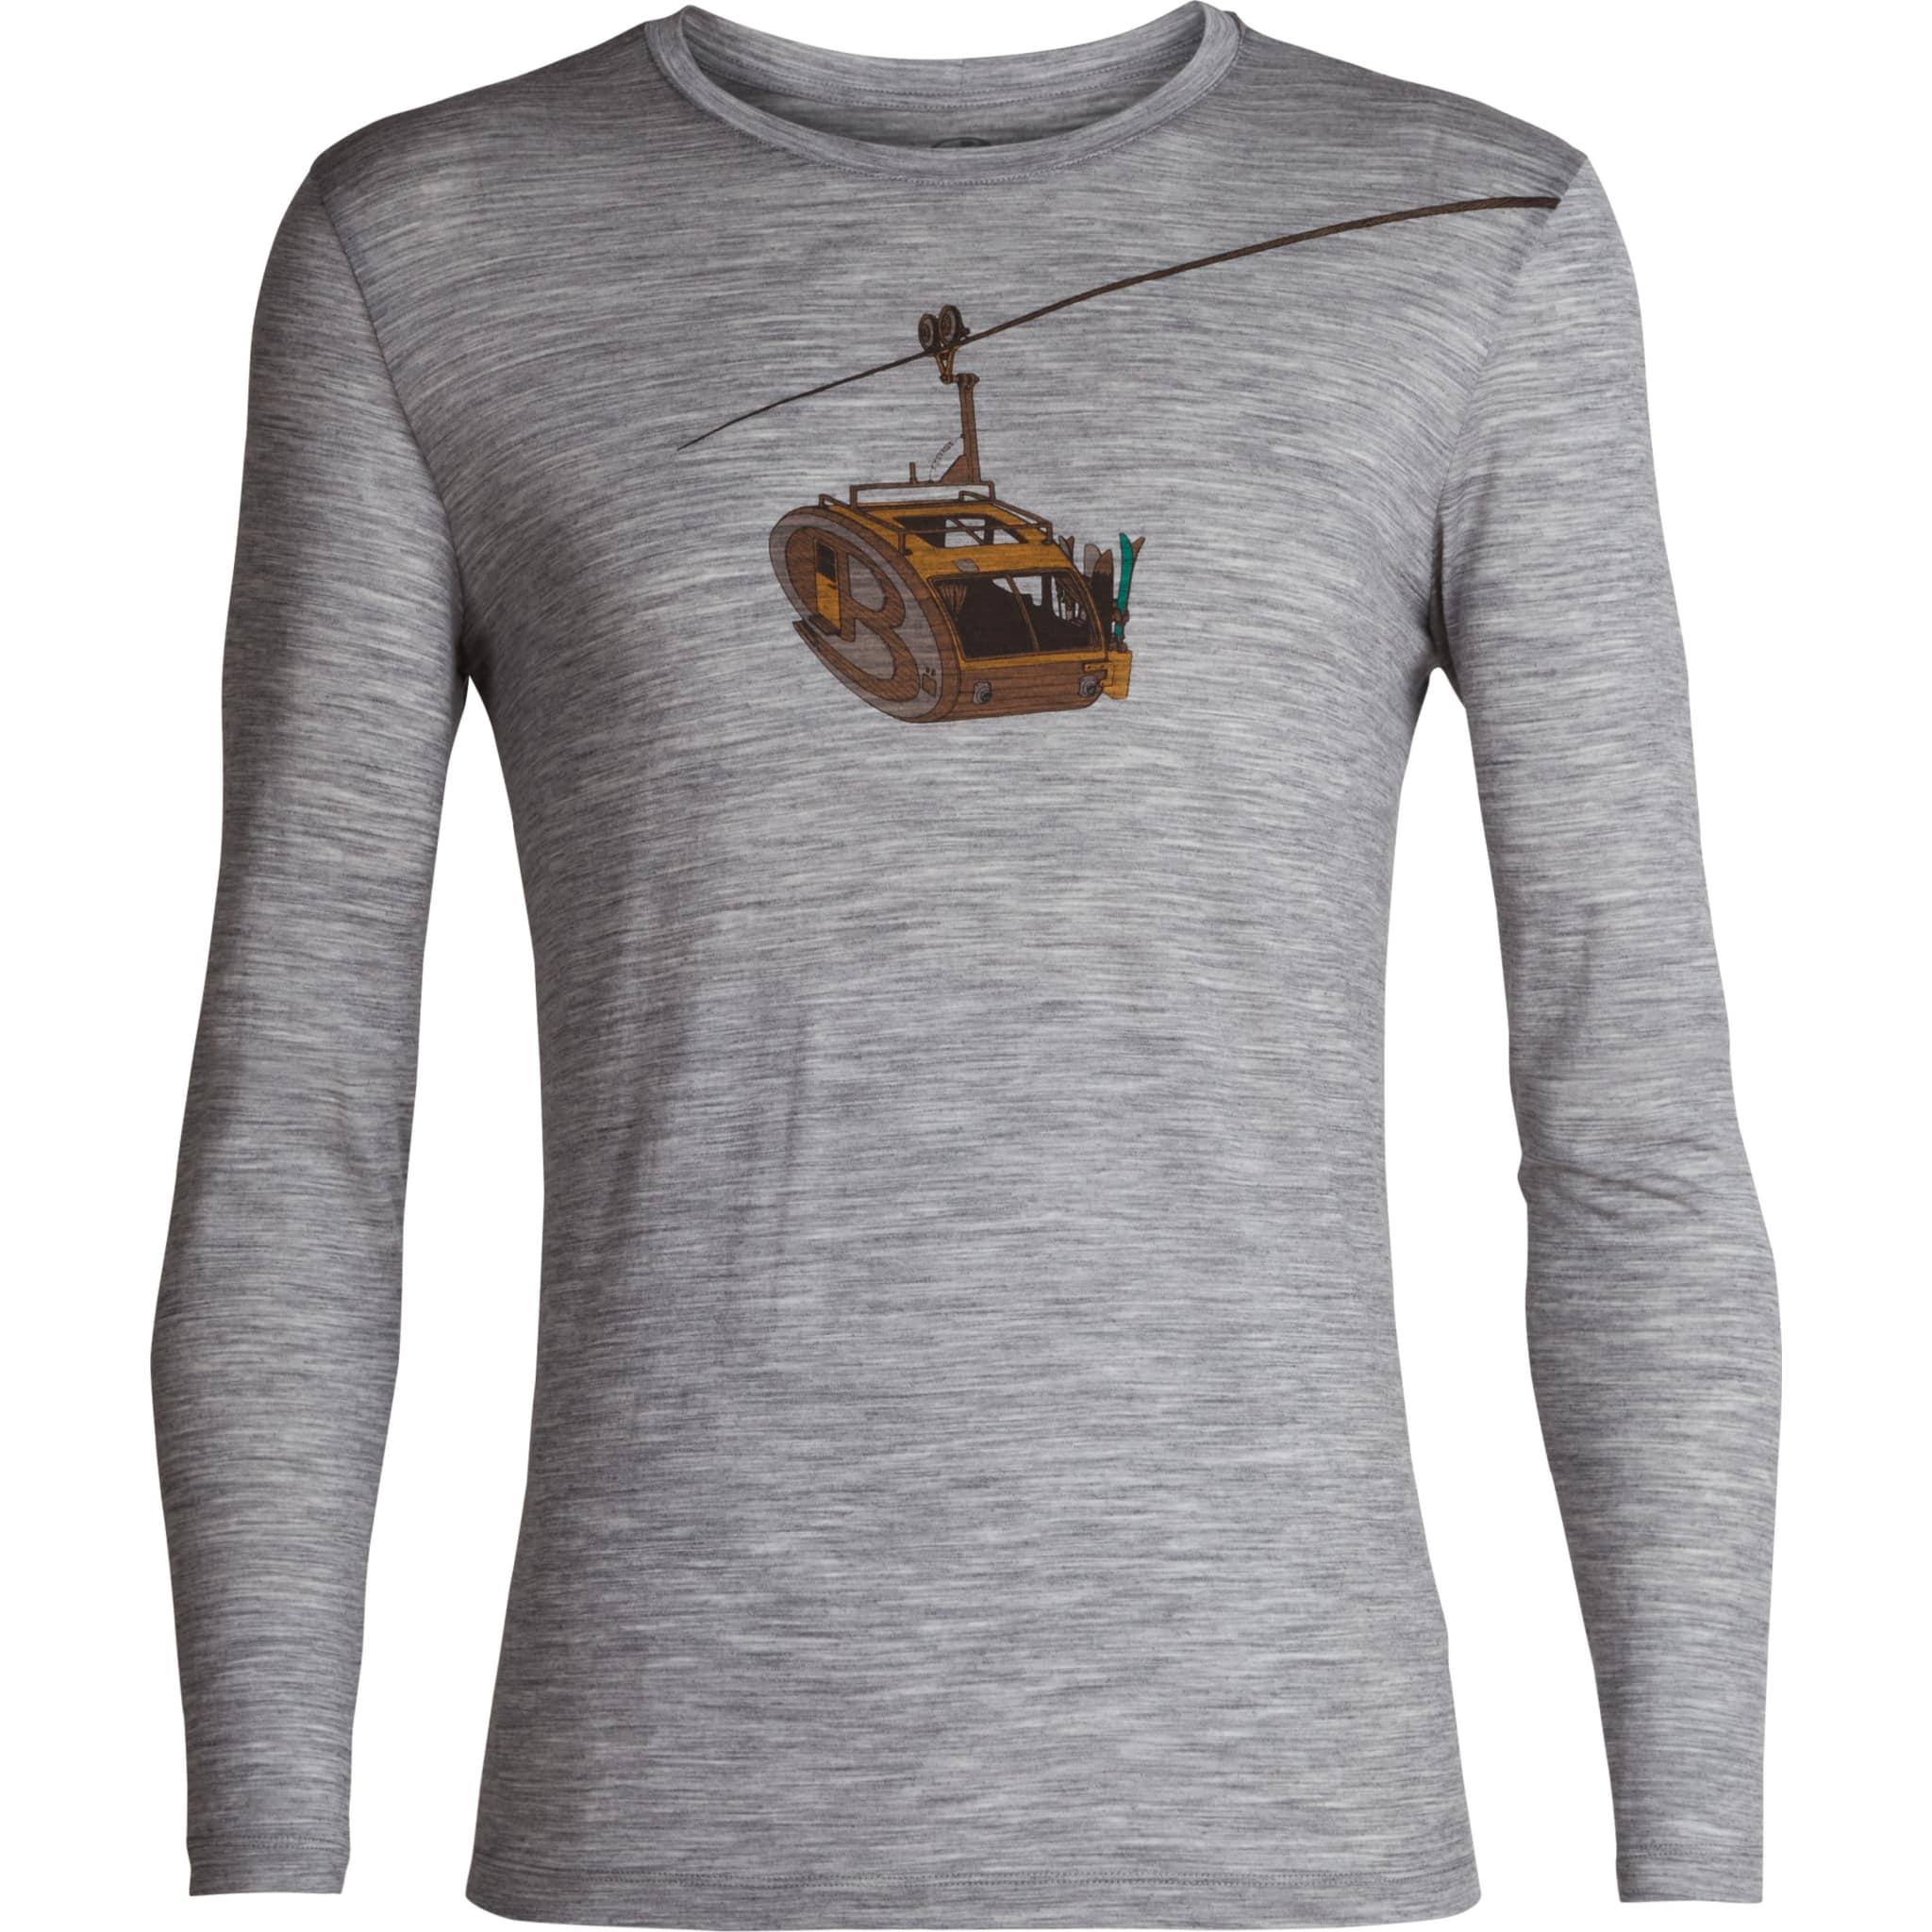 Langermet skjorte i tynn merinoull og med stilig print